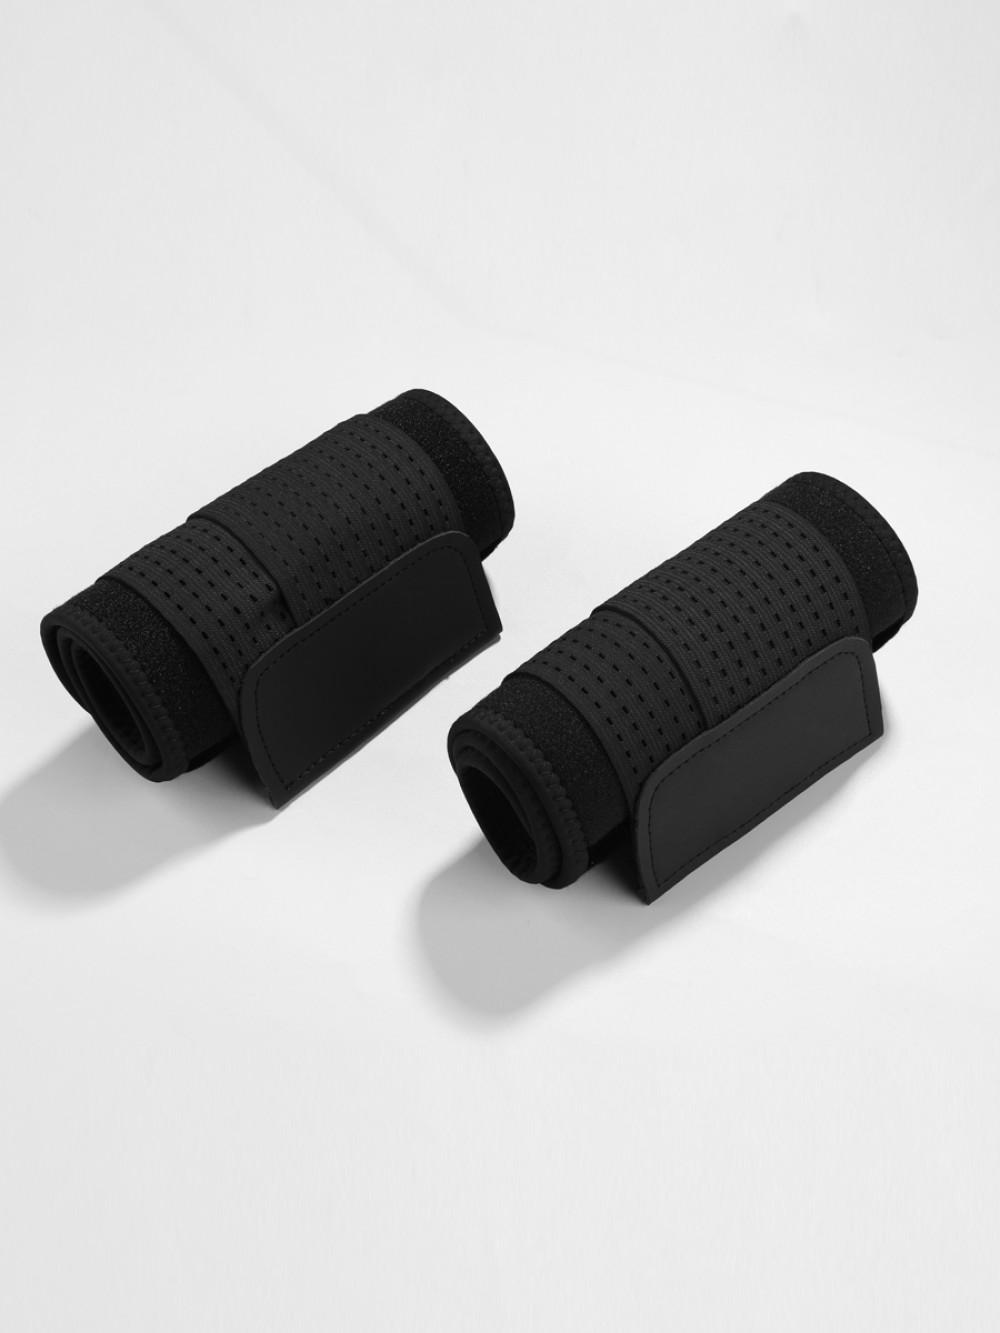 Black Neoprene Slimming Elastic Bands Arm Shaper Custom Logo